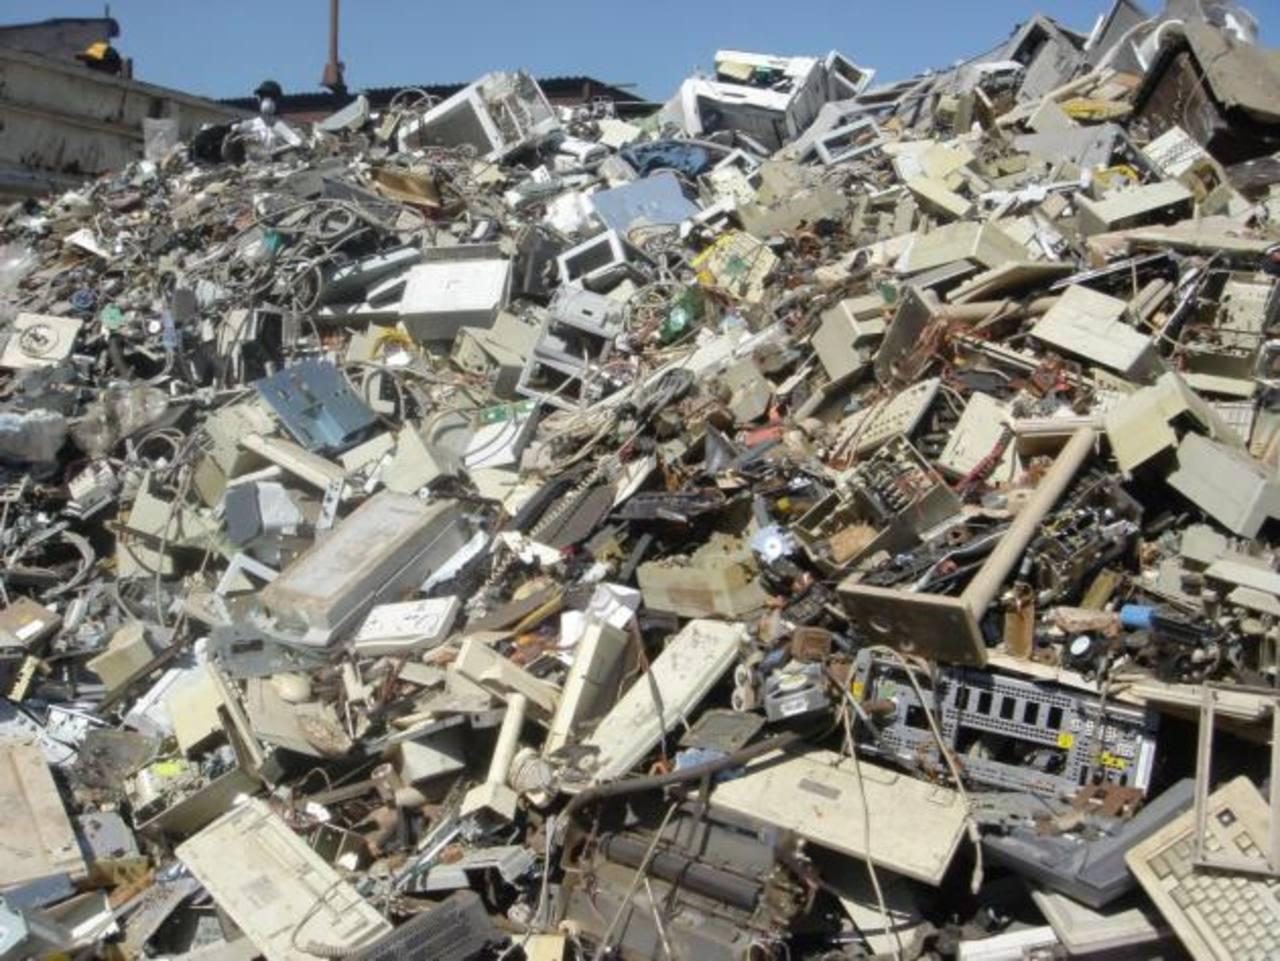 Los desperdicios electrónicos han crecido en los últimos años.